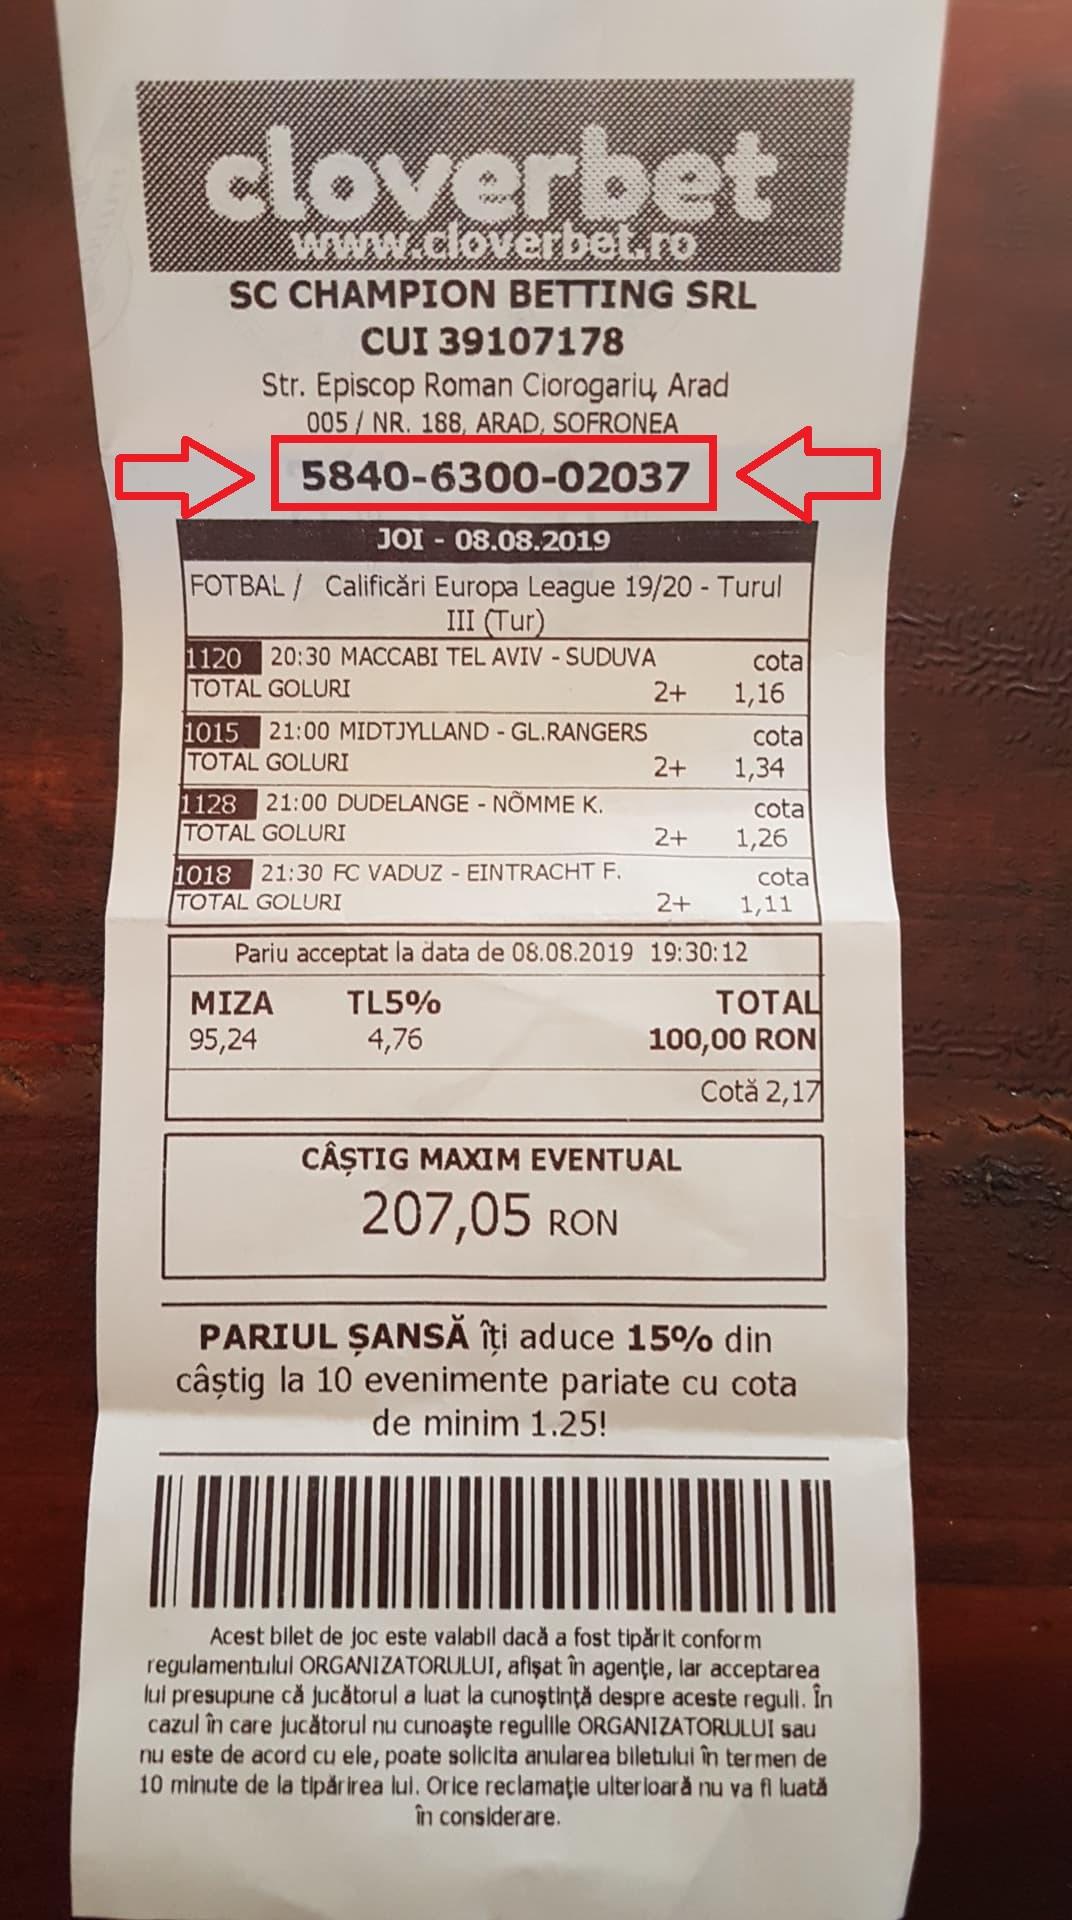 Verificarea biletului la Cloverbet